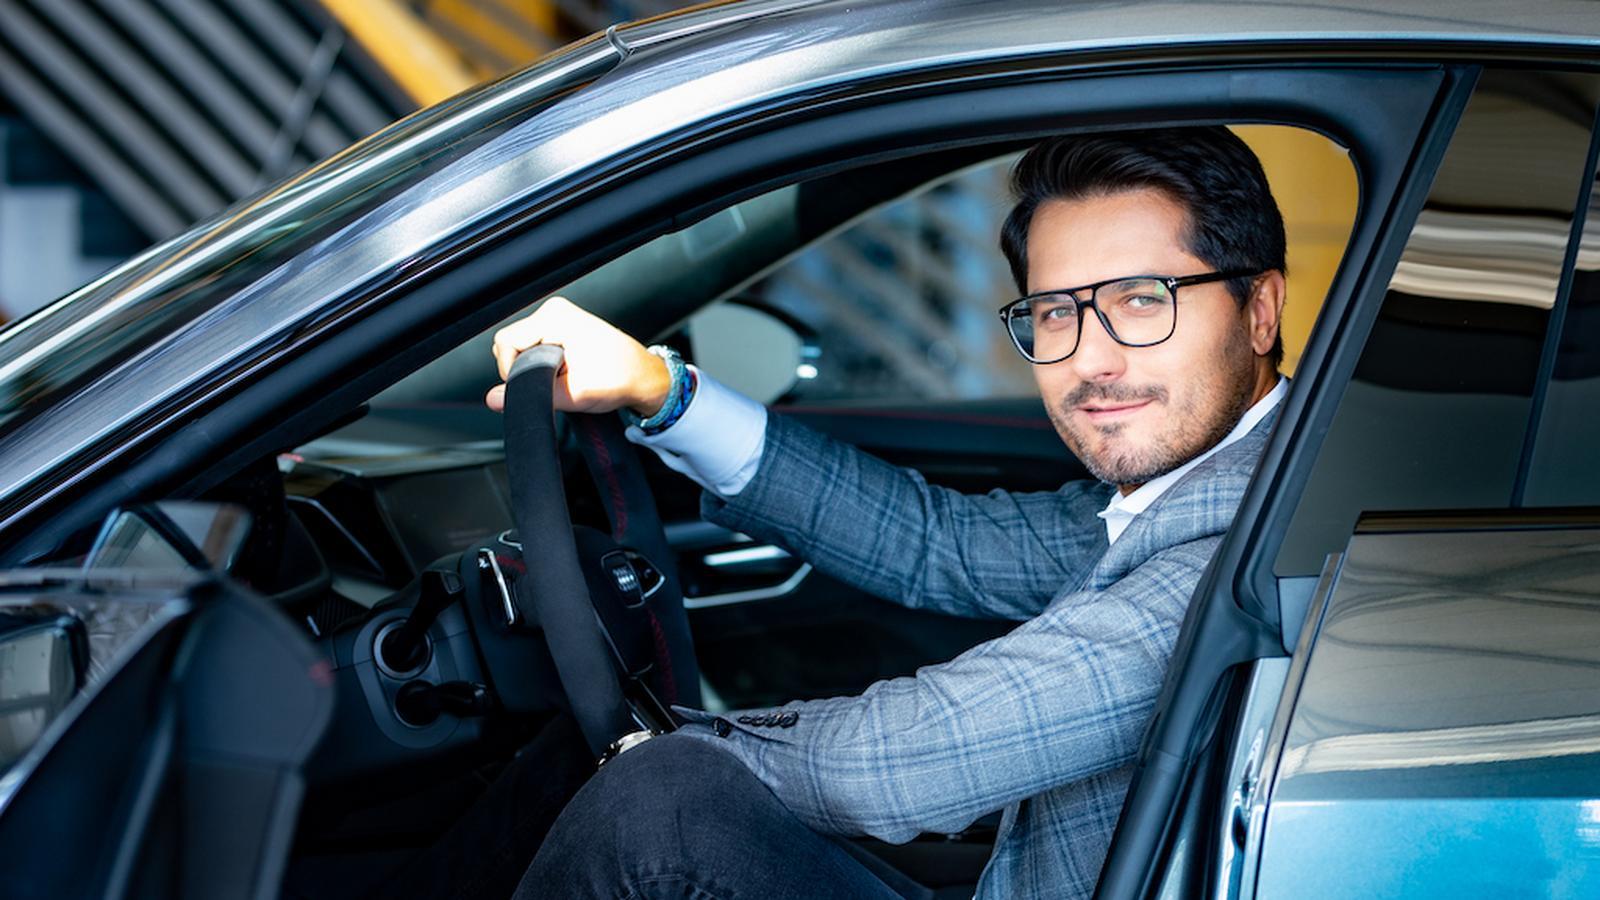 Kiedy Audi zrezygnuje z silników spalinowych? Rozmowa z dyr. marki Audi w Polsce – Michałem Bowszą